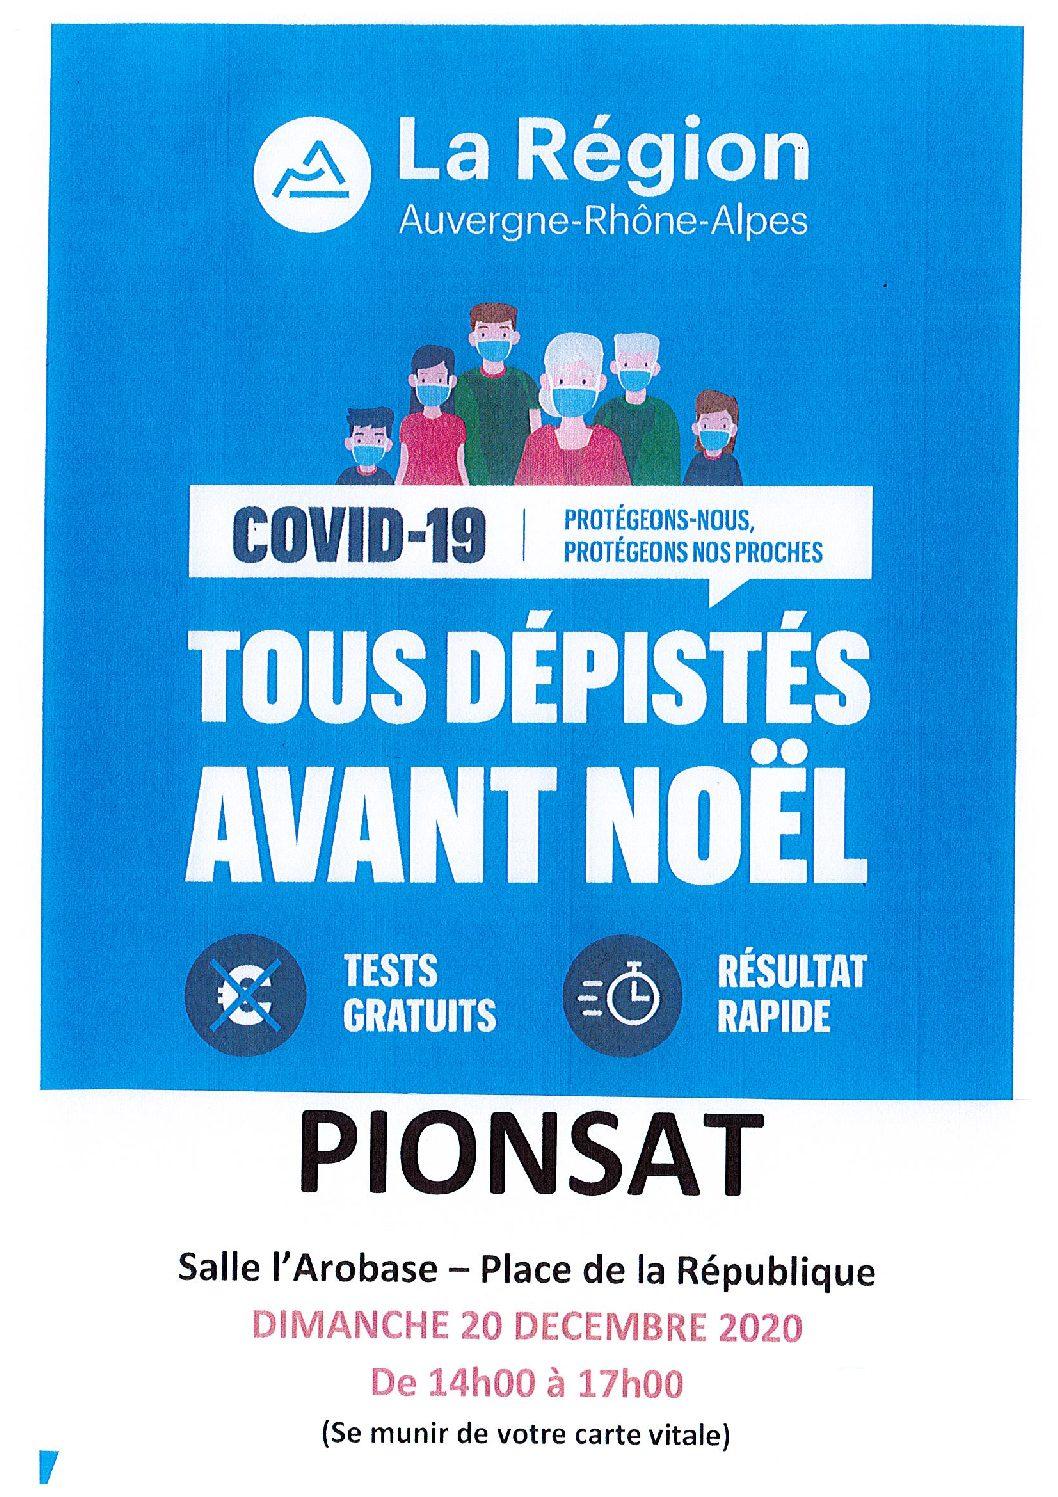 CAMPAGNE DE TESTS A PIONSAT LE DIMANCHE 20 DECEMBRE DE 14H A 17H